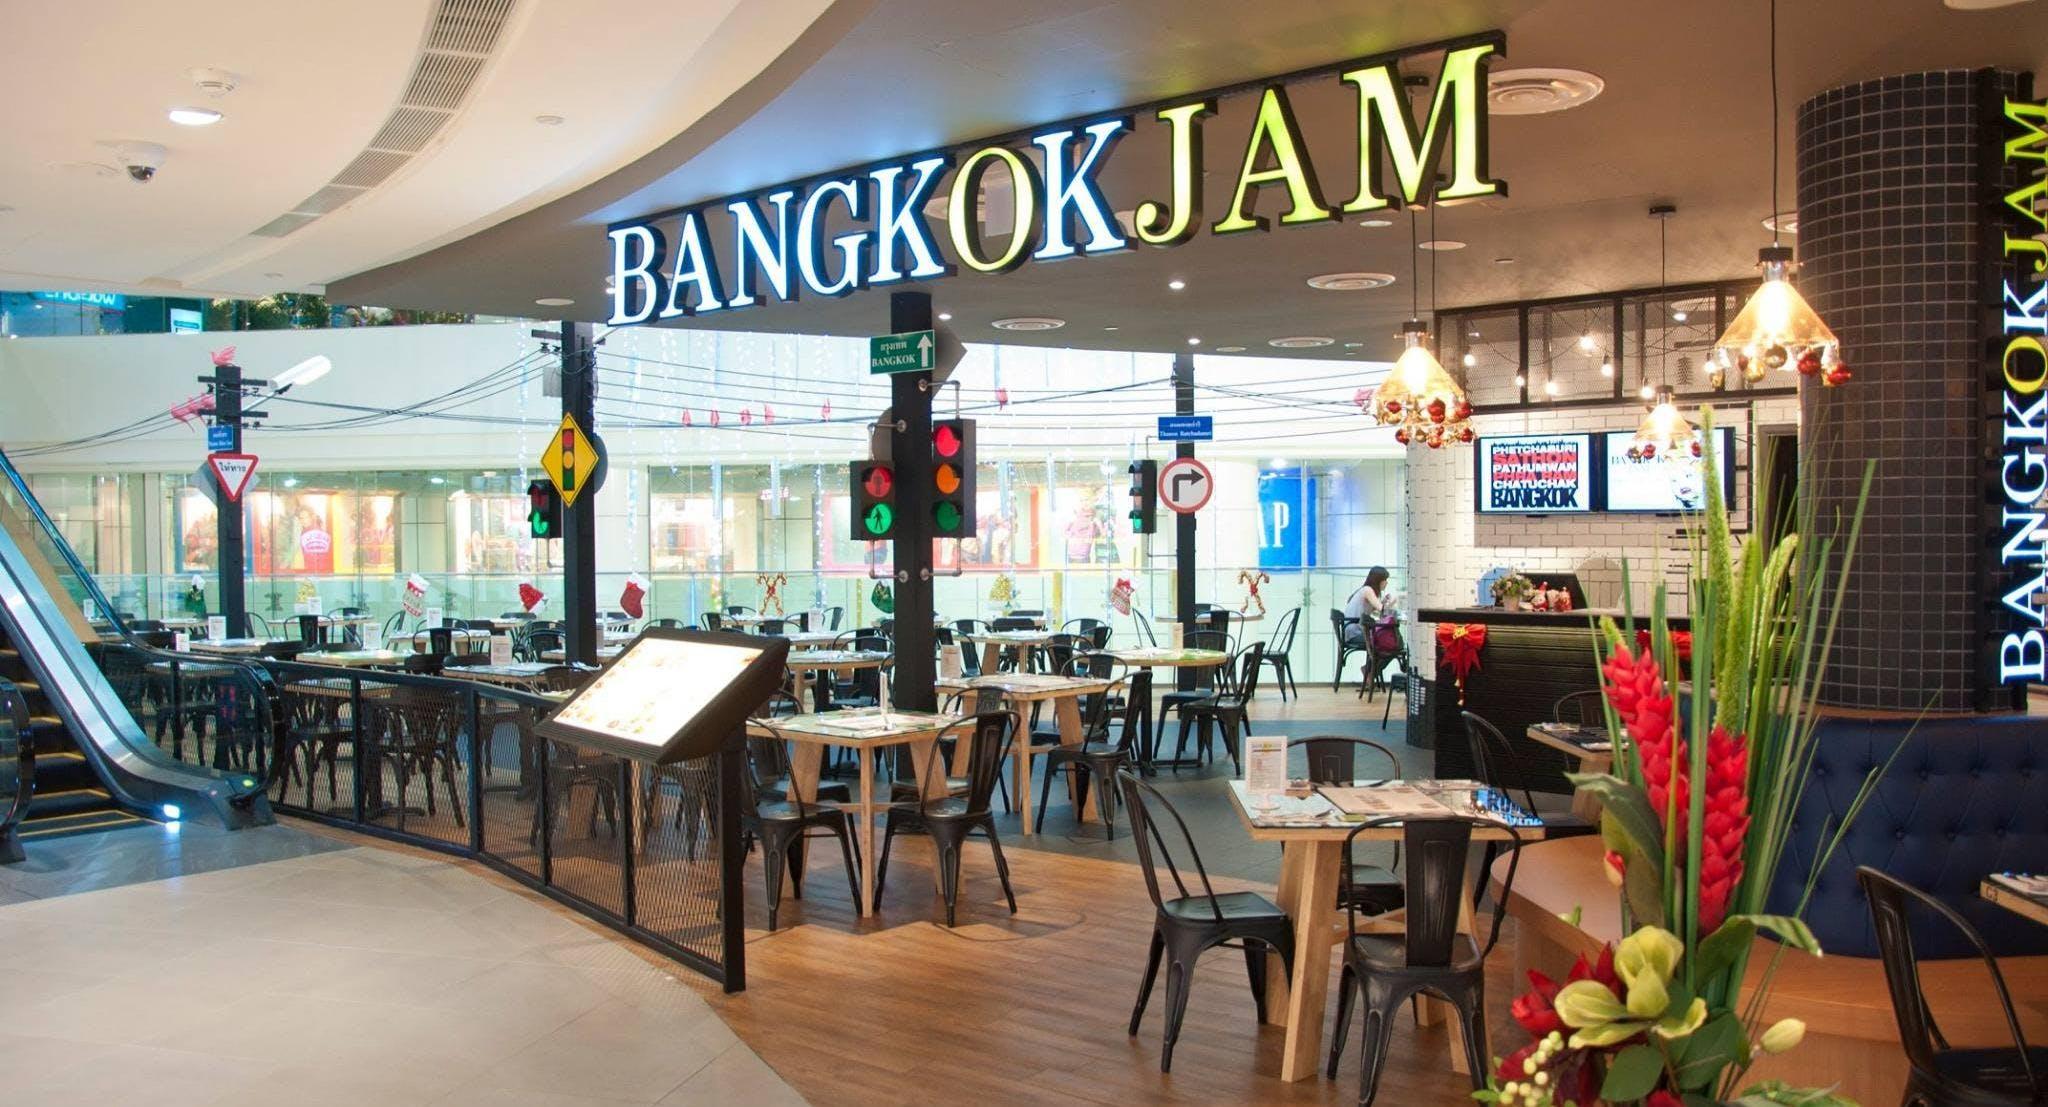 Bangkok Jam - Bukit Panjang Plaza Singapore image 3